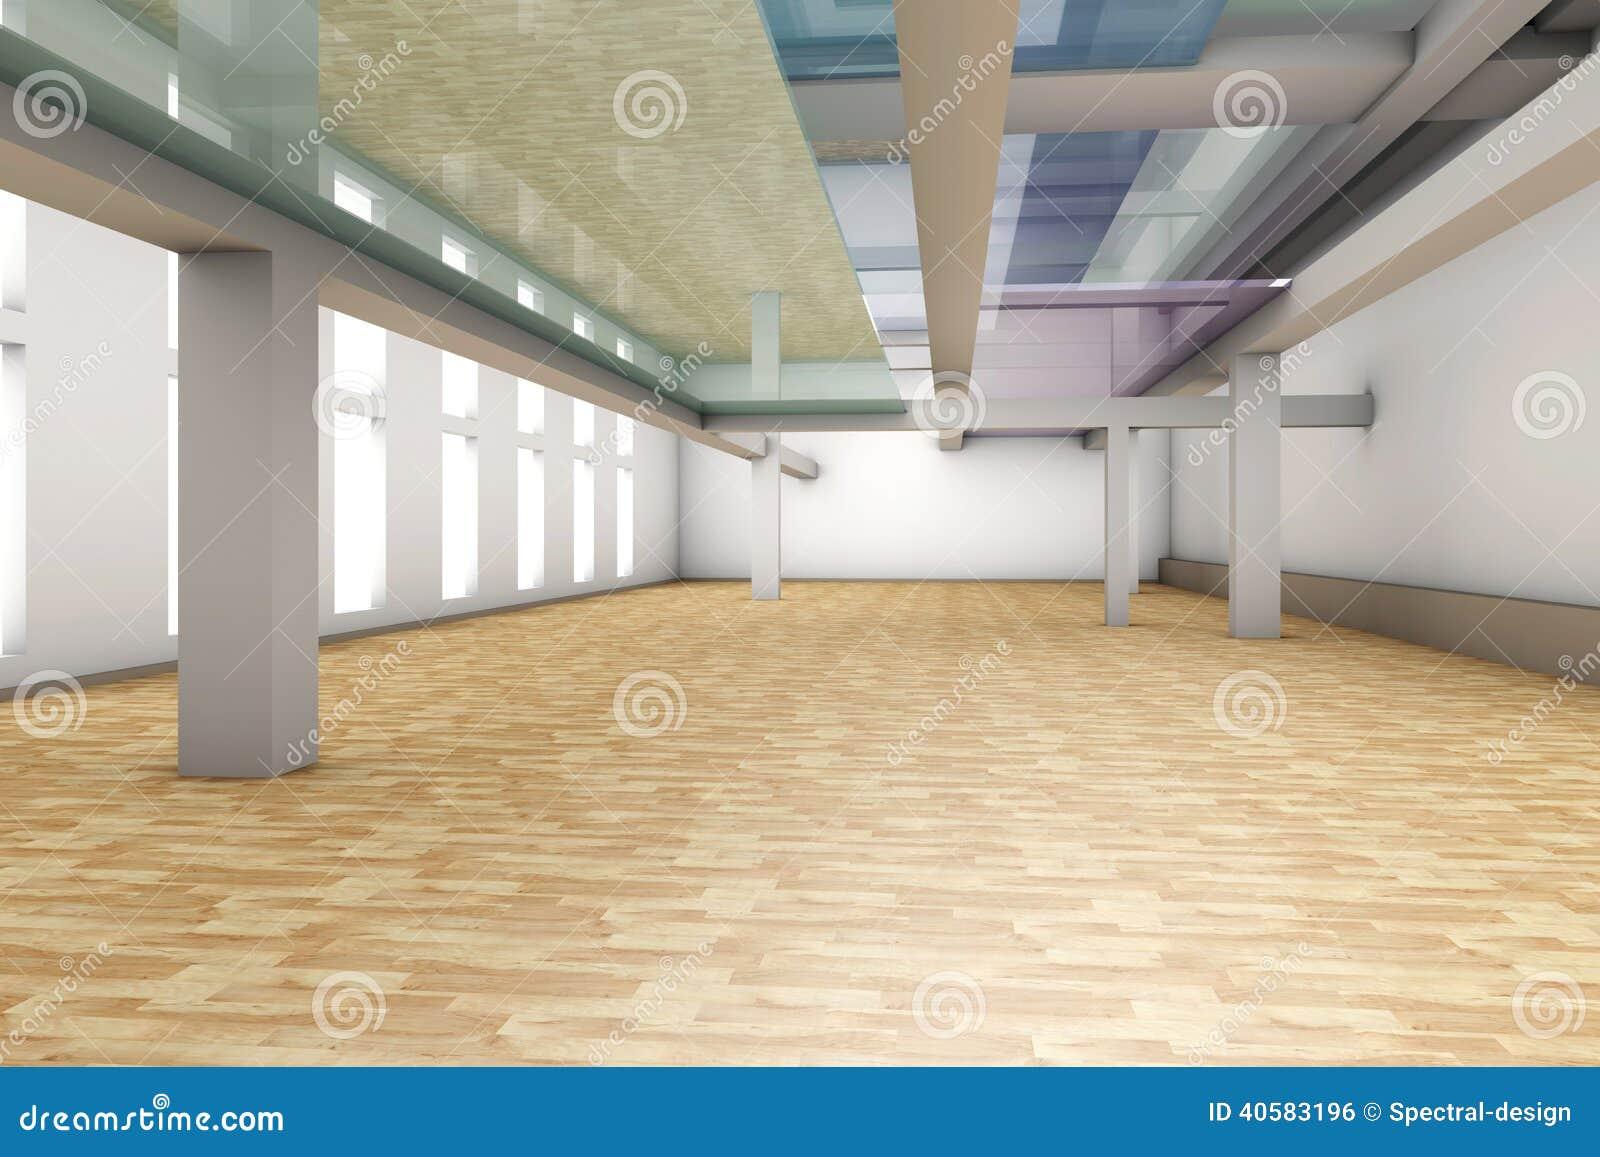 интерьер квартиры пустой